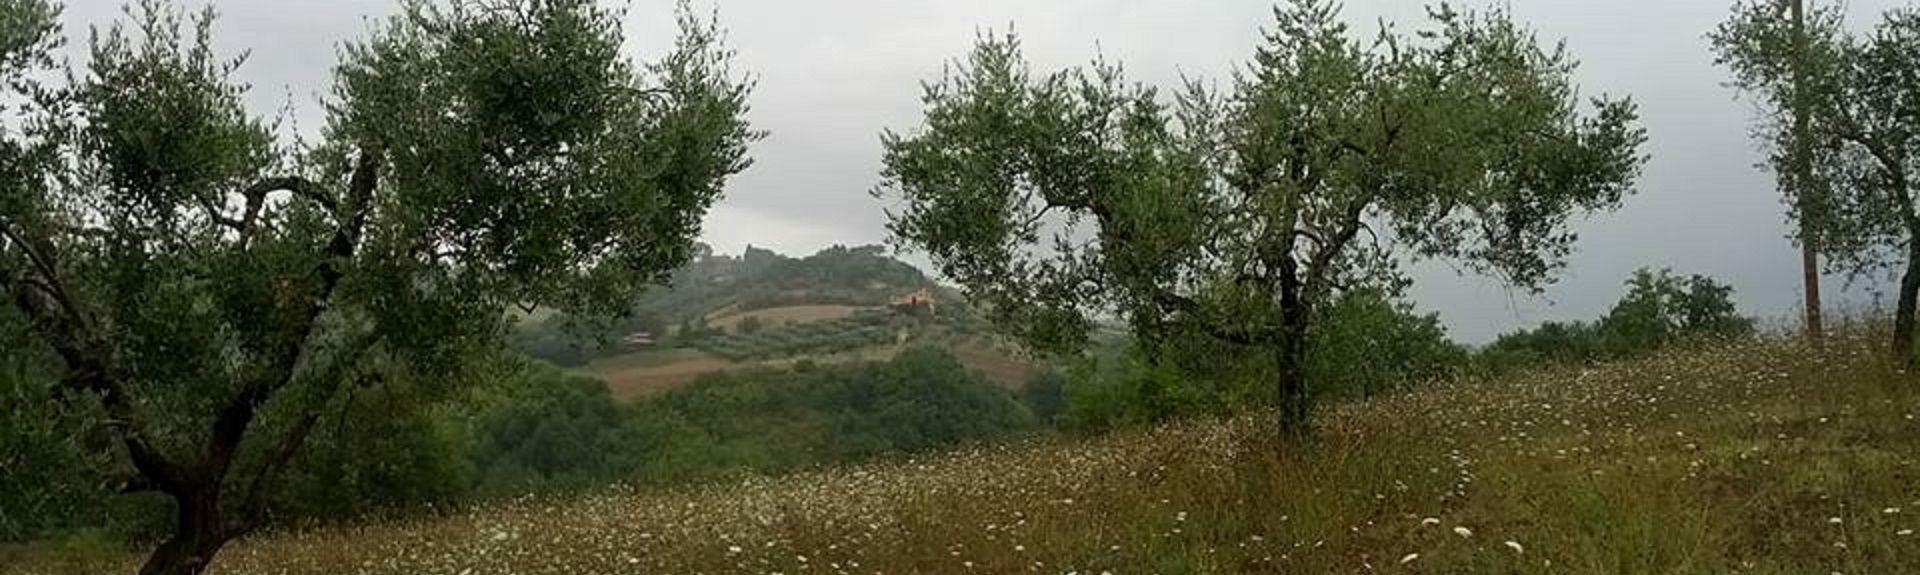 Mompeo, Lazio, Italia